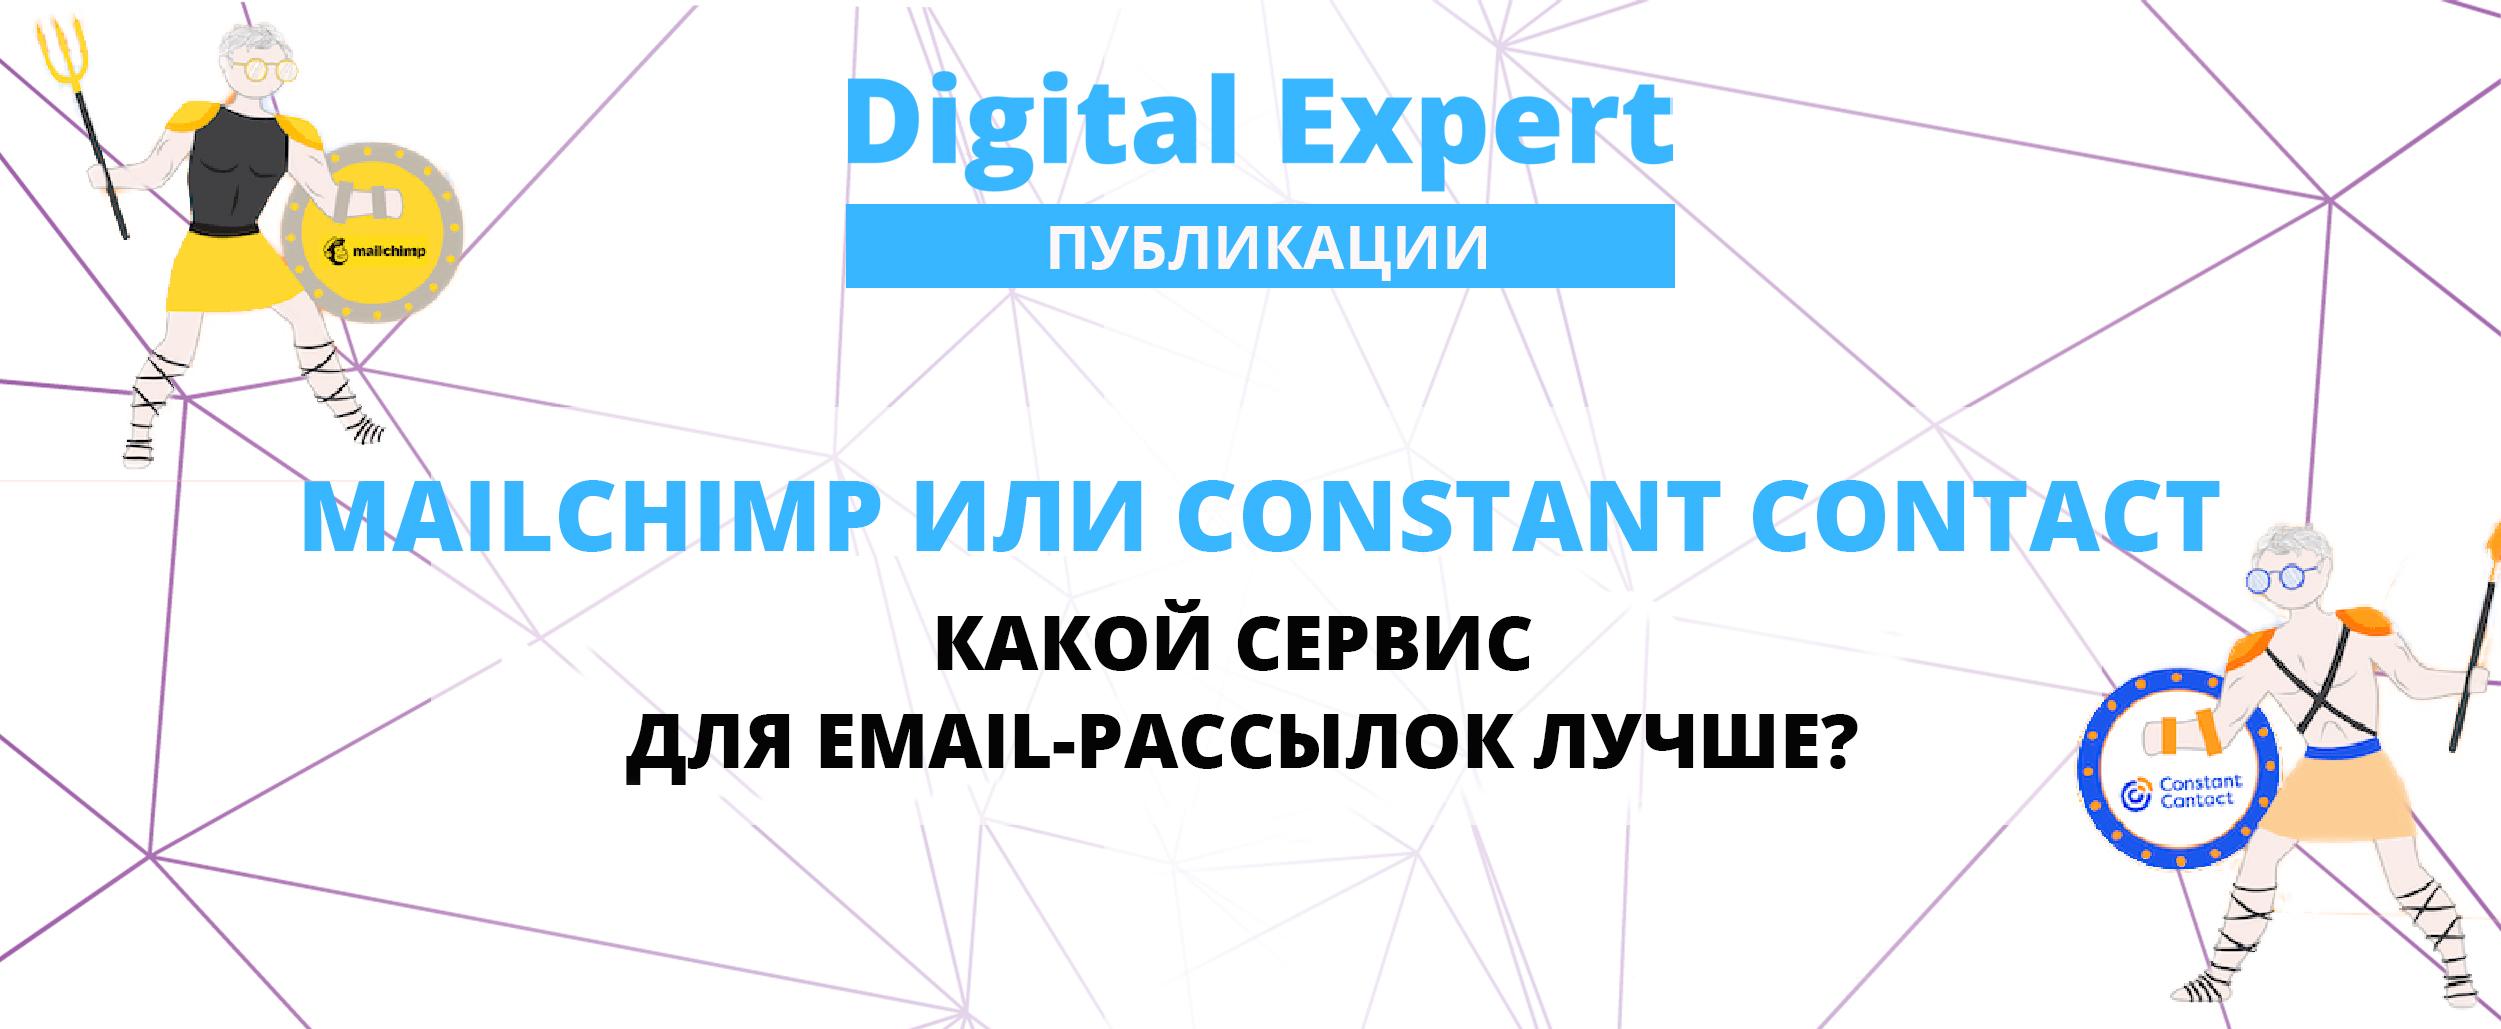 Сравнение сервиса Mailchimp vs Constant contact по возможностям и функциональности